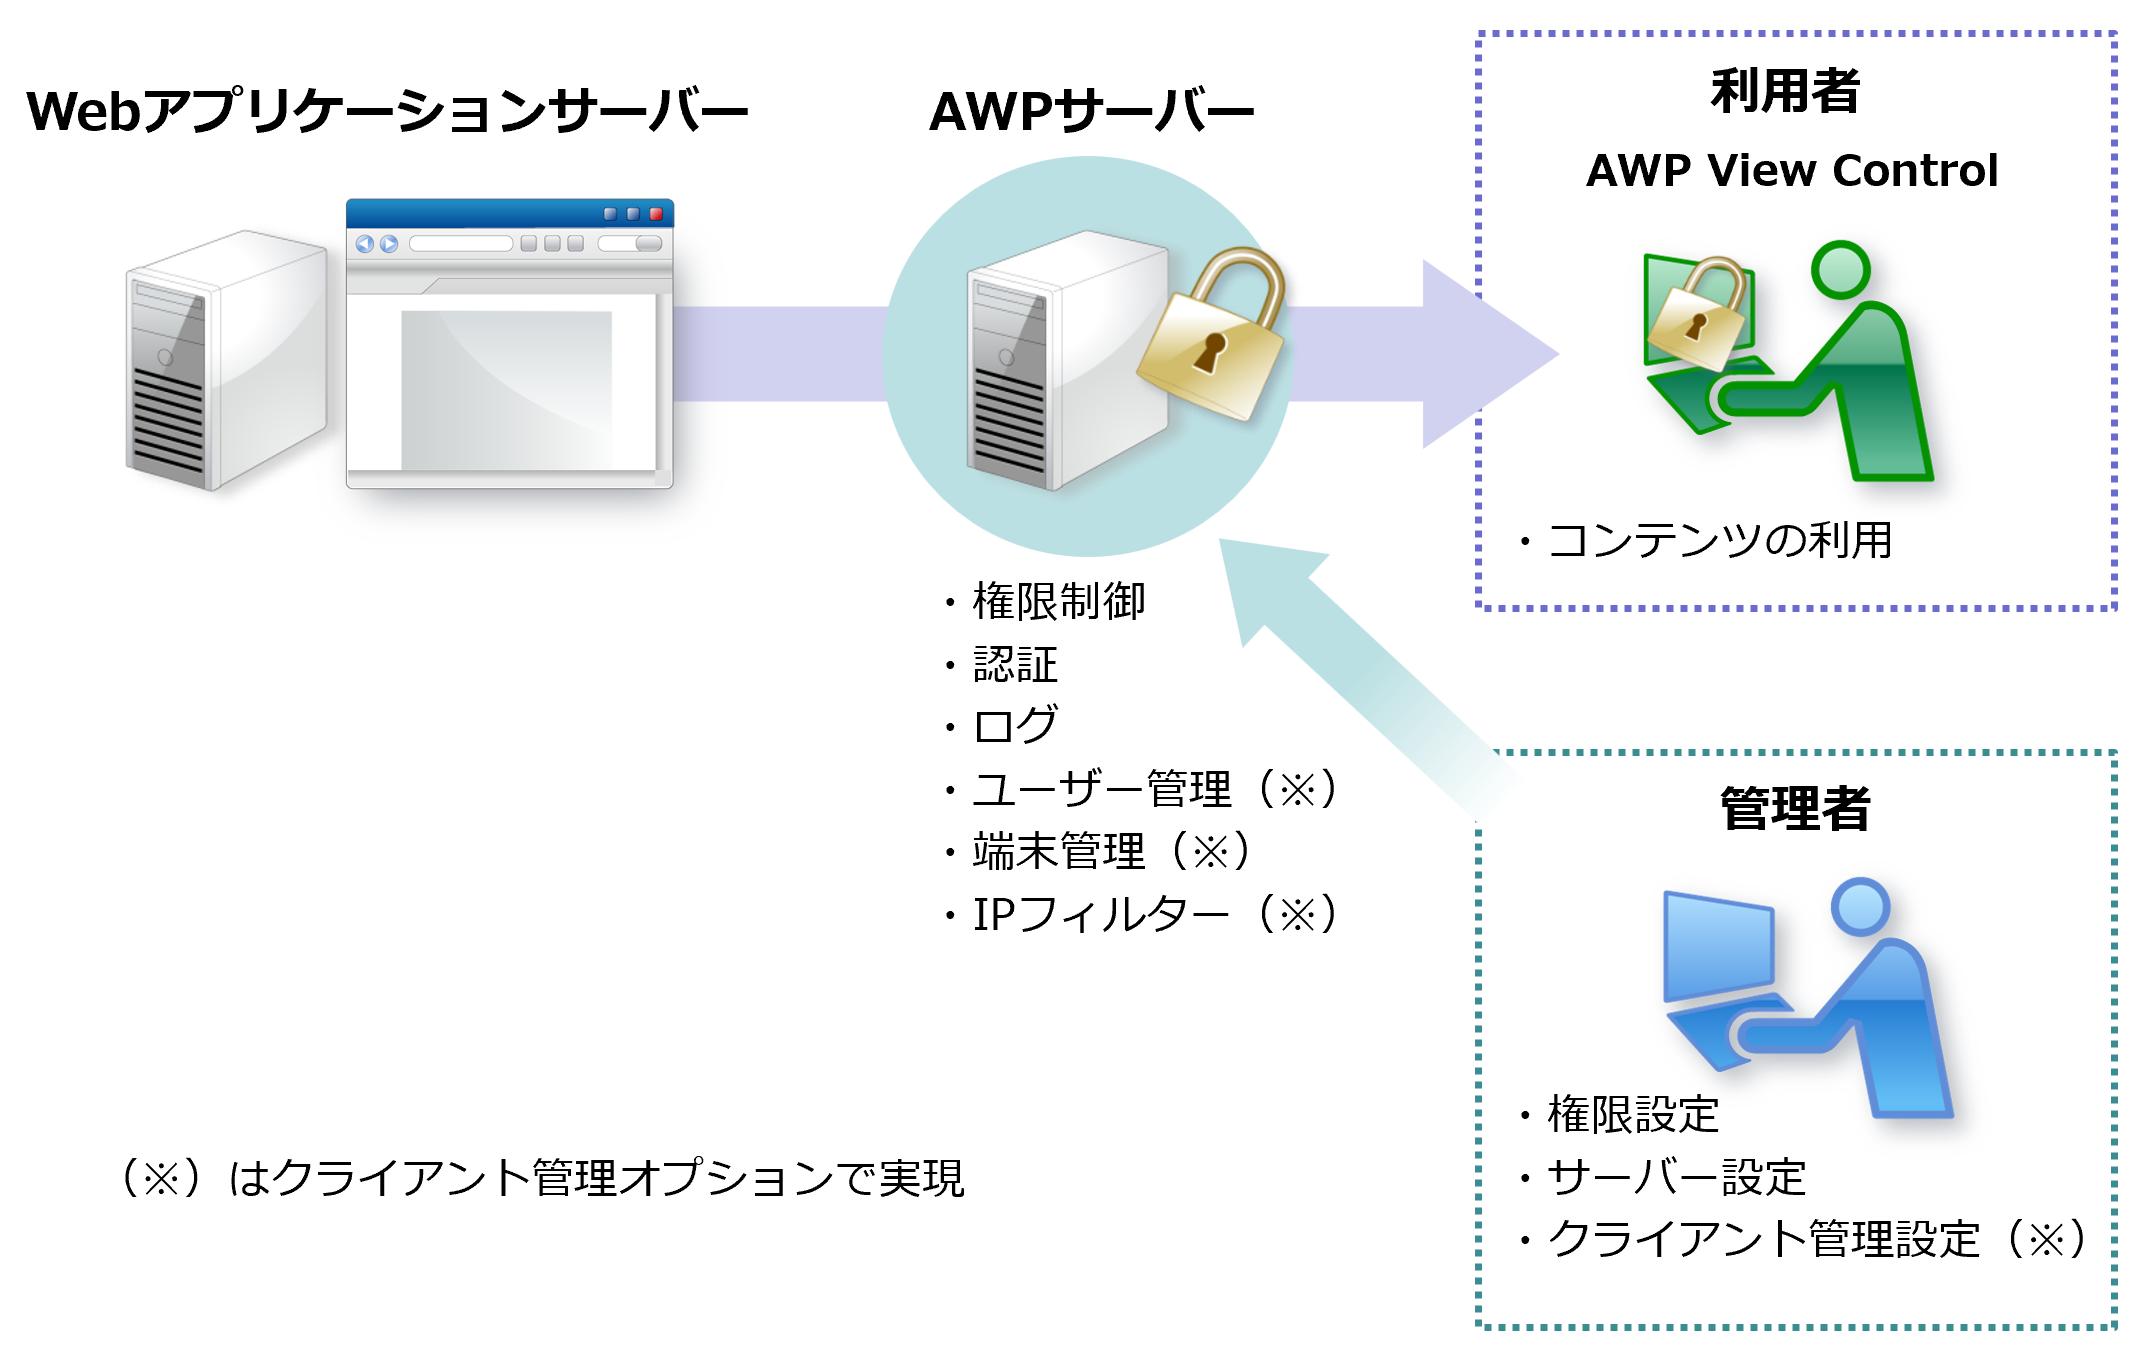 「パイレーツバスター AWP」のシステム構成